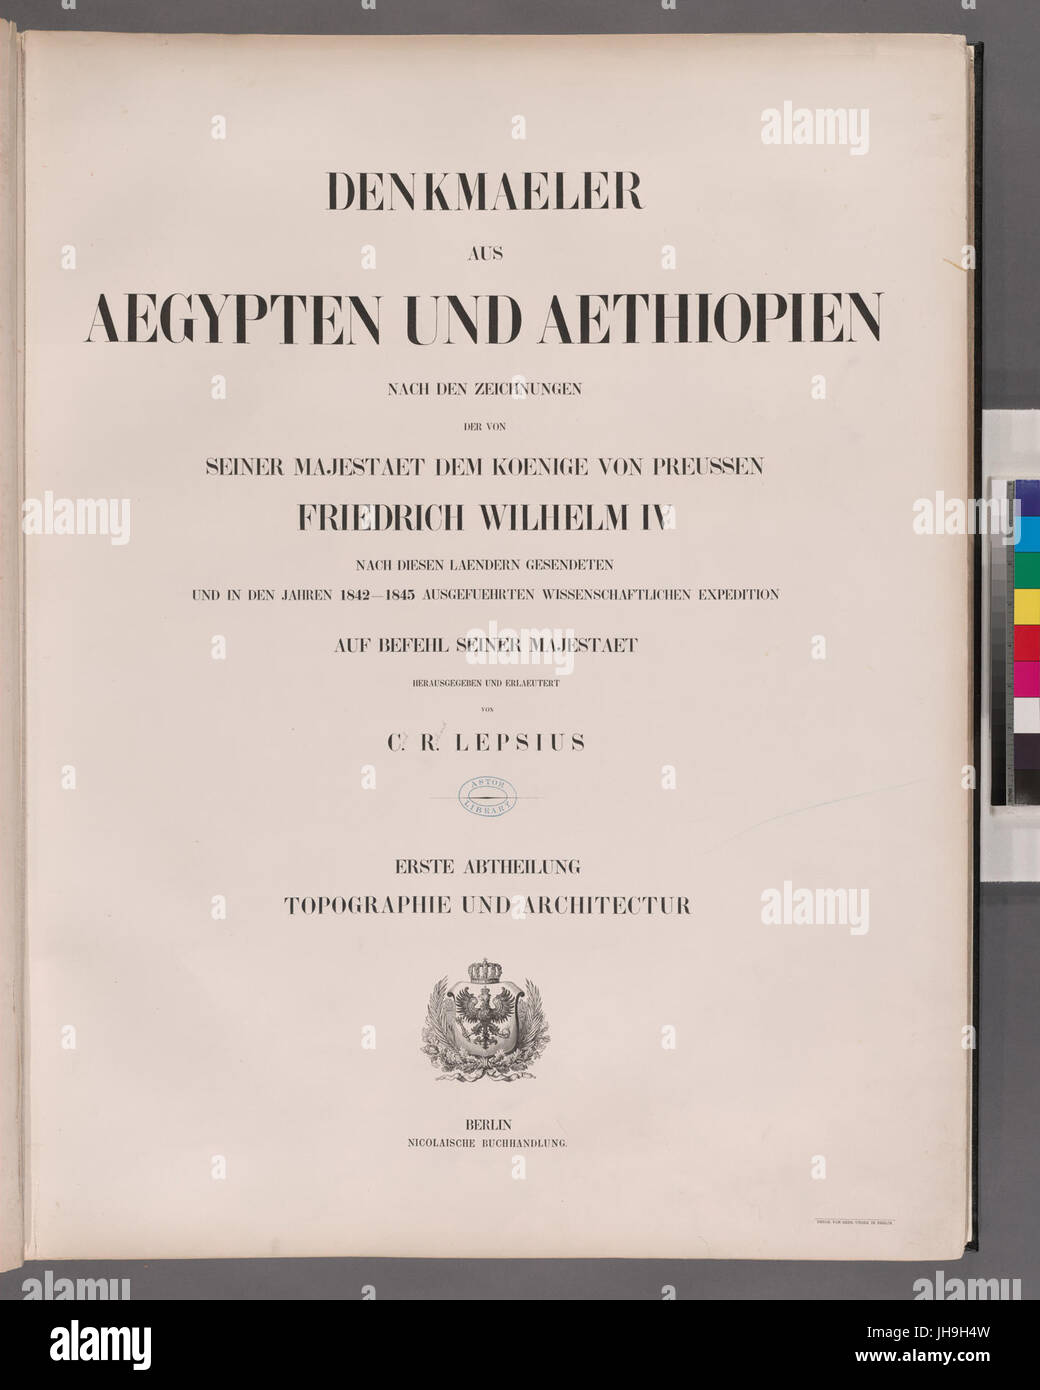 Title page). Denkmaeler aus Aegypten und Aethiopien Erste Abtheilung- Topographie und Architectur (Blatt 1 - 66) - Stock Image